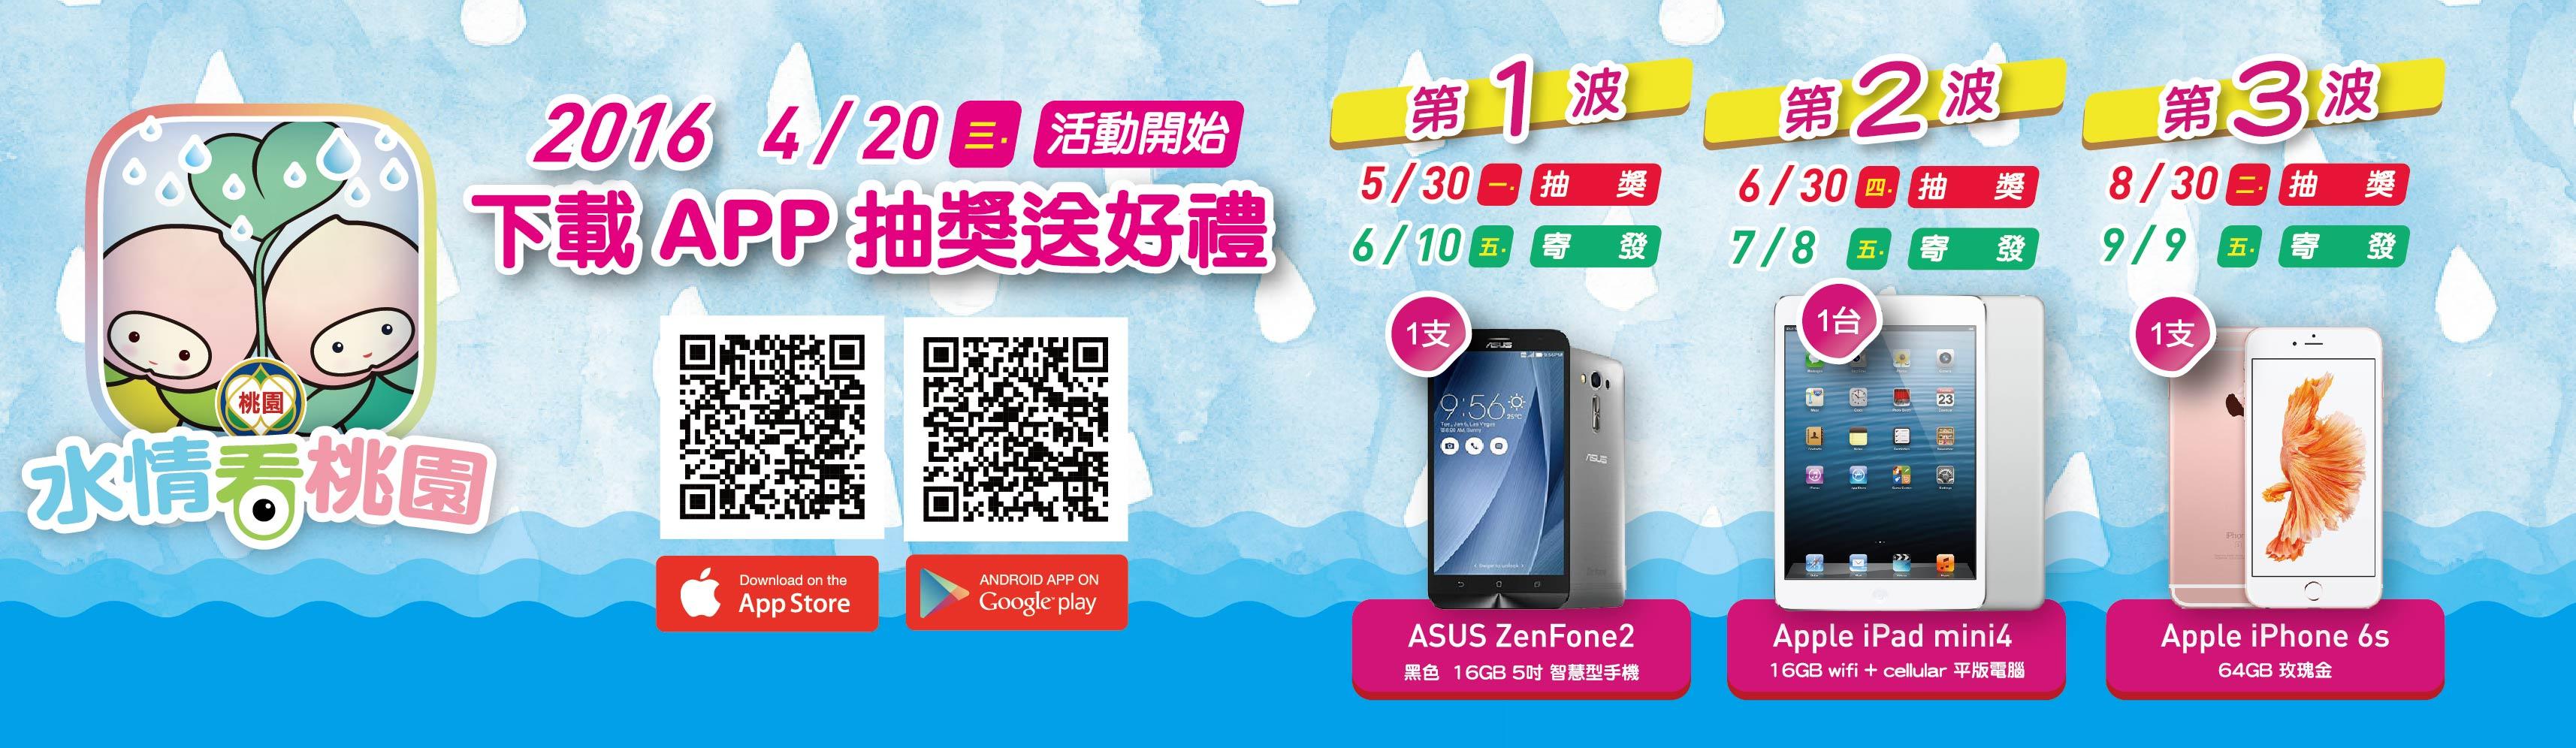 下載「水情看桃園」APP iphone 6s及153項獎品等你拿!